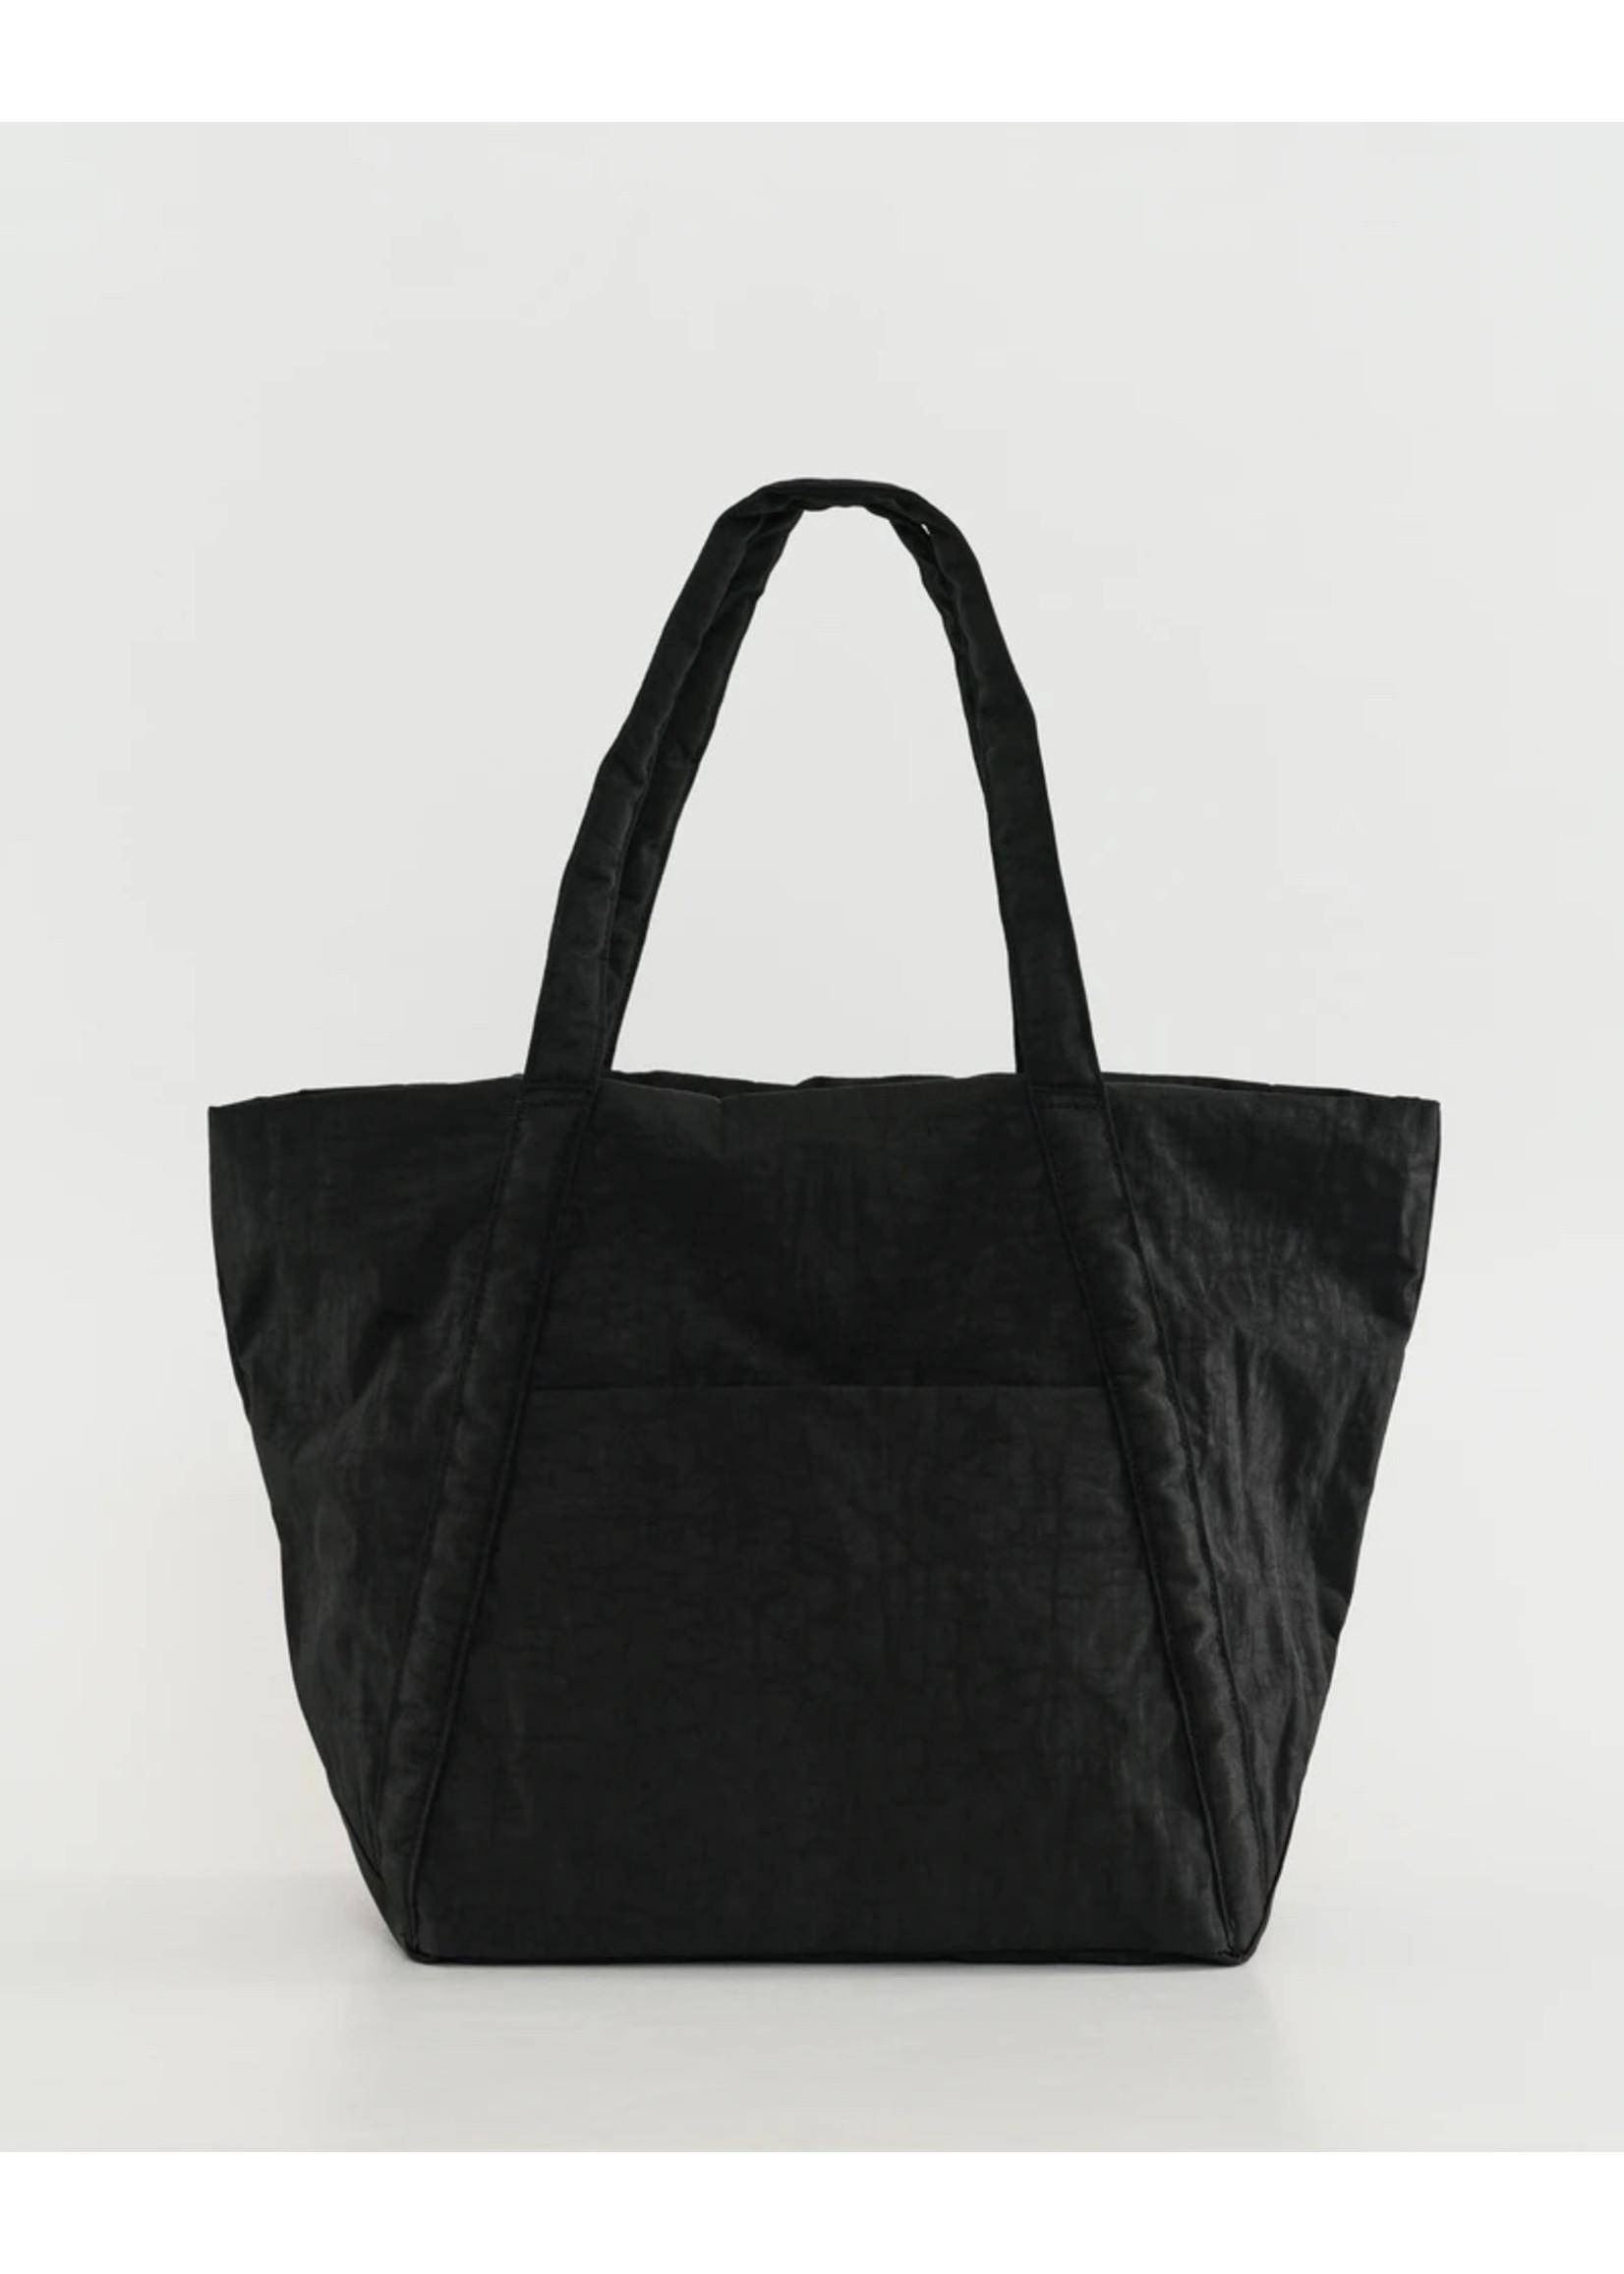 Baggu Baggu Cloud Bag - Black